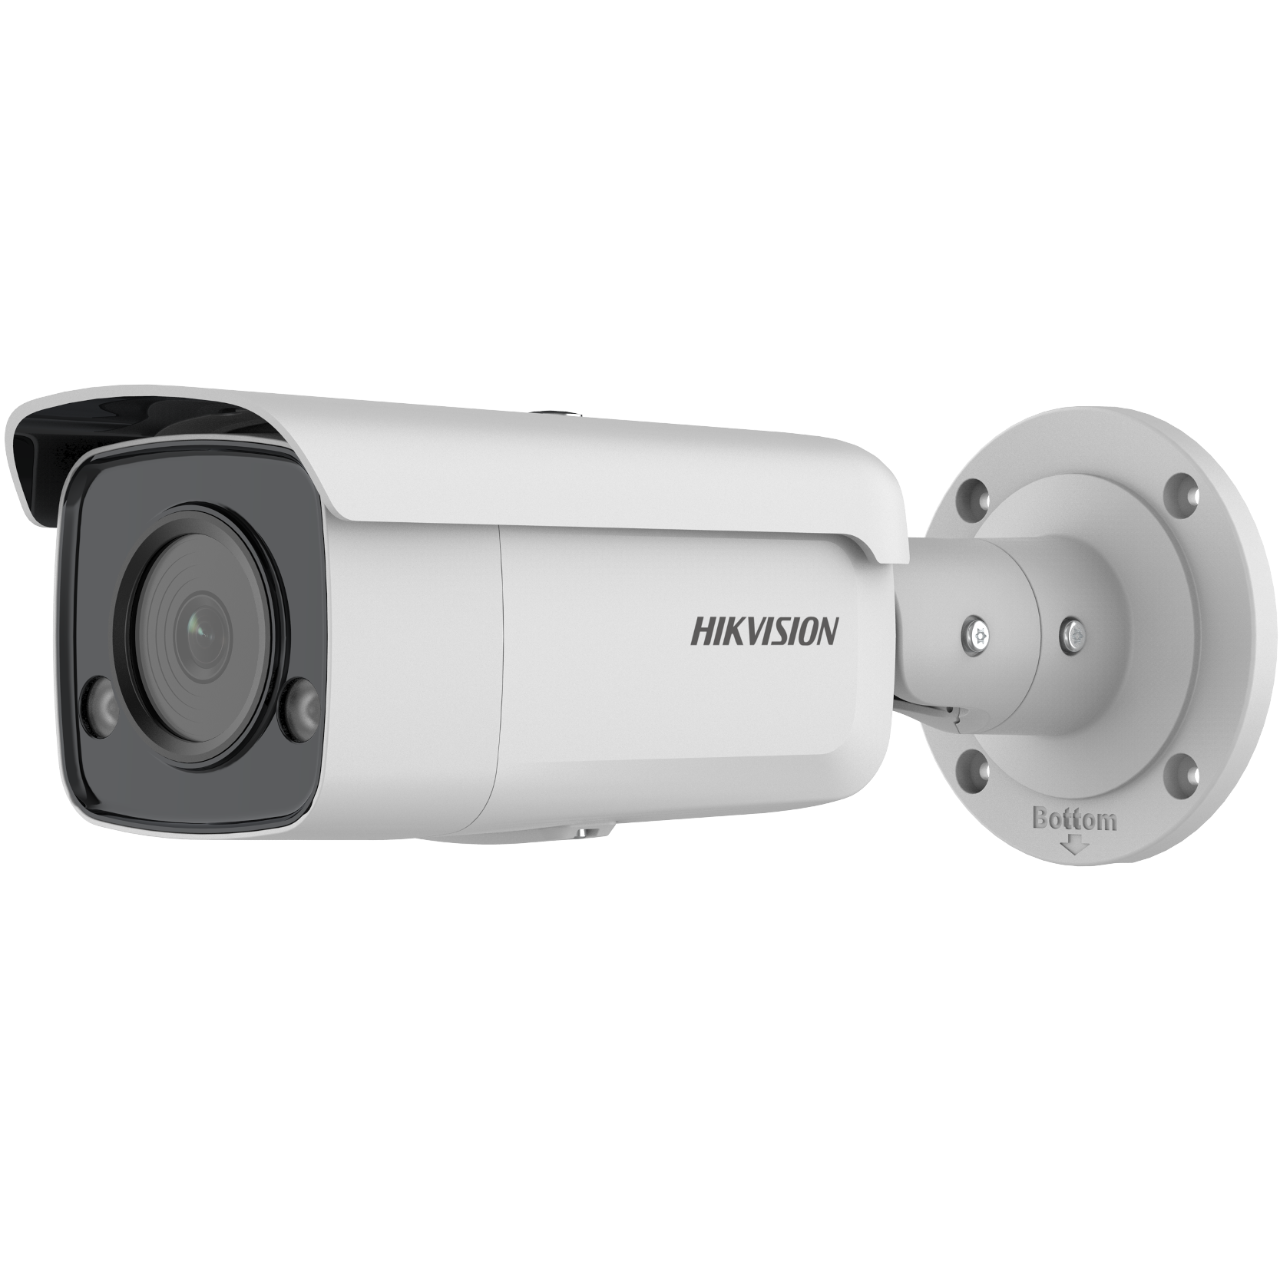 Easy IP4.0 - ColorVu <(>&<)> Acusense G2, Caméra Tube IP, Utilisation Extérieure, Résolution 4MP , Objectif 2.8mm HFOV 103°